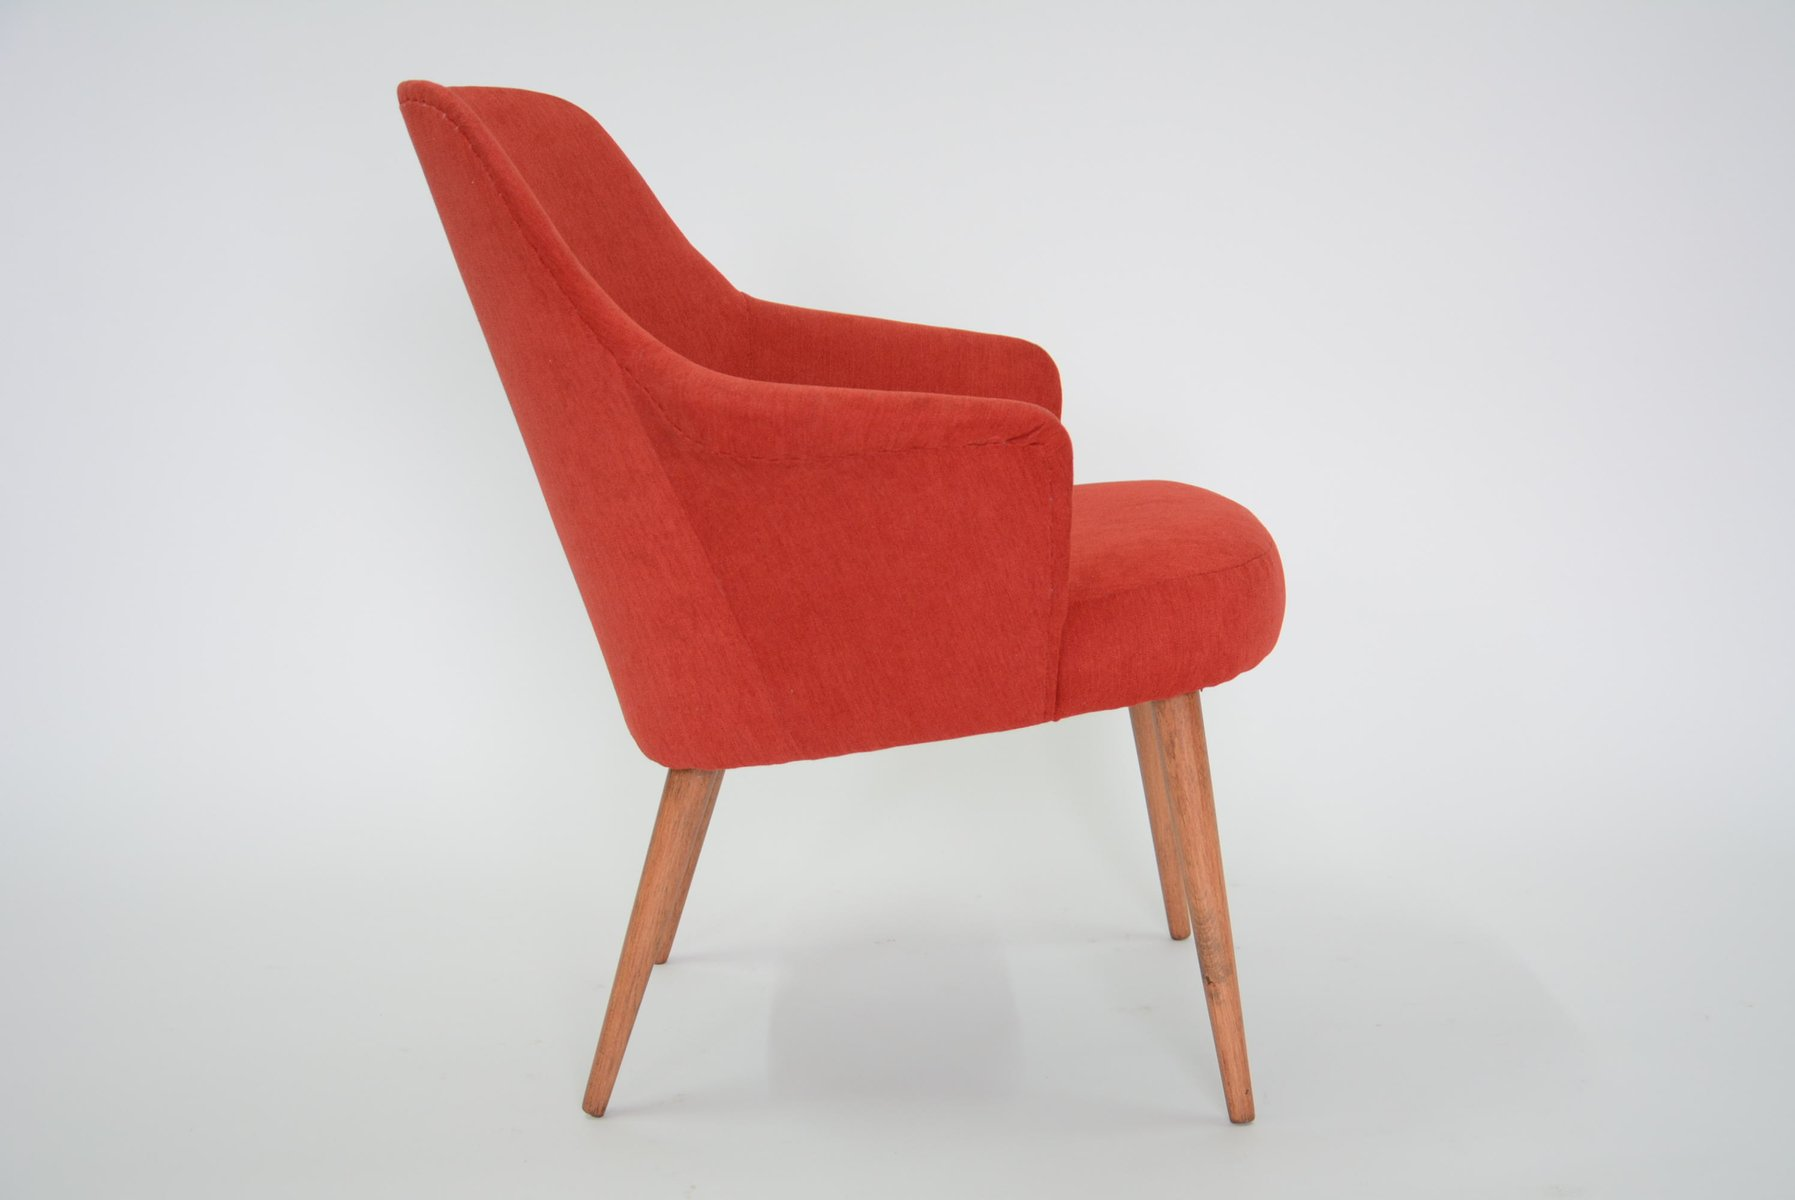 Vintage German Red Tulip Chair, 1970s